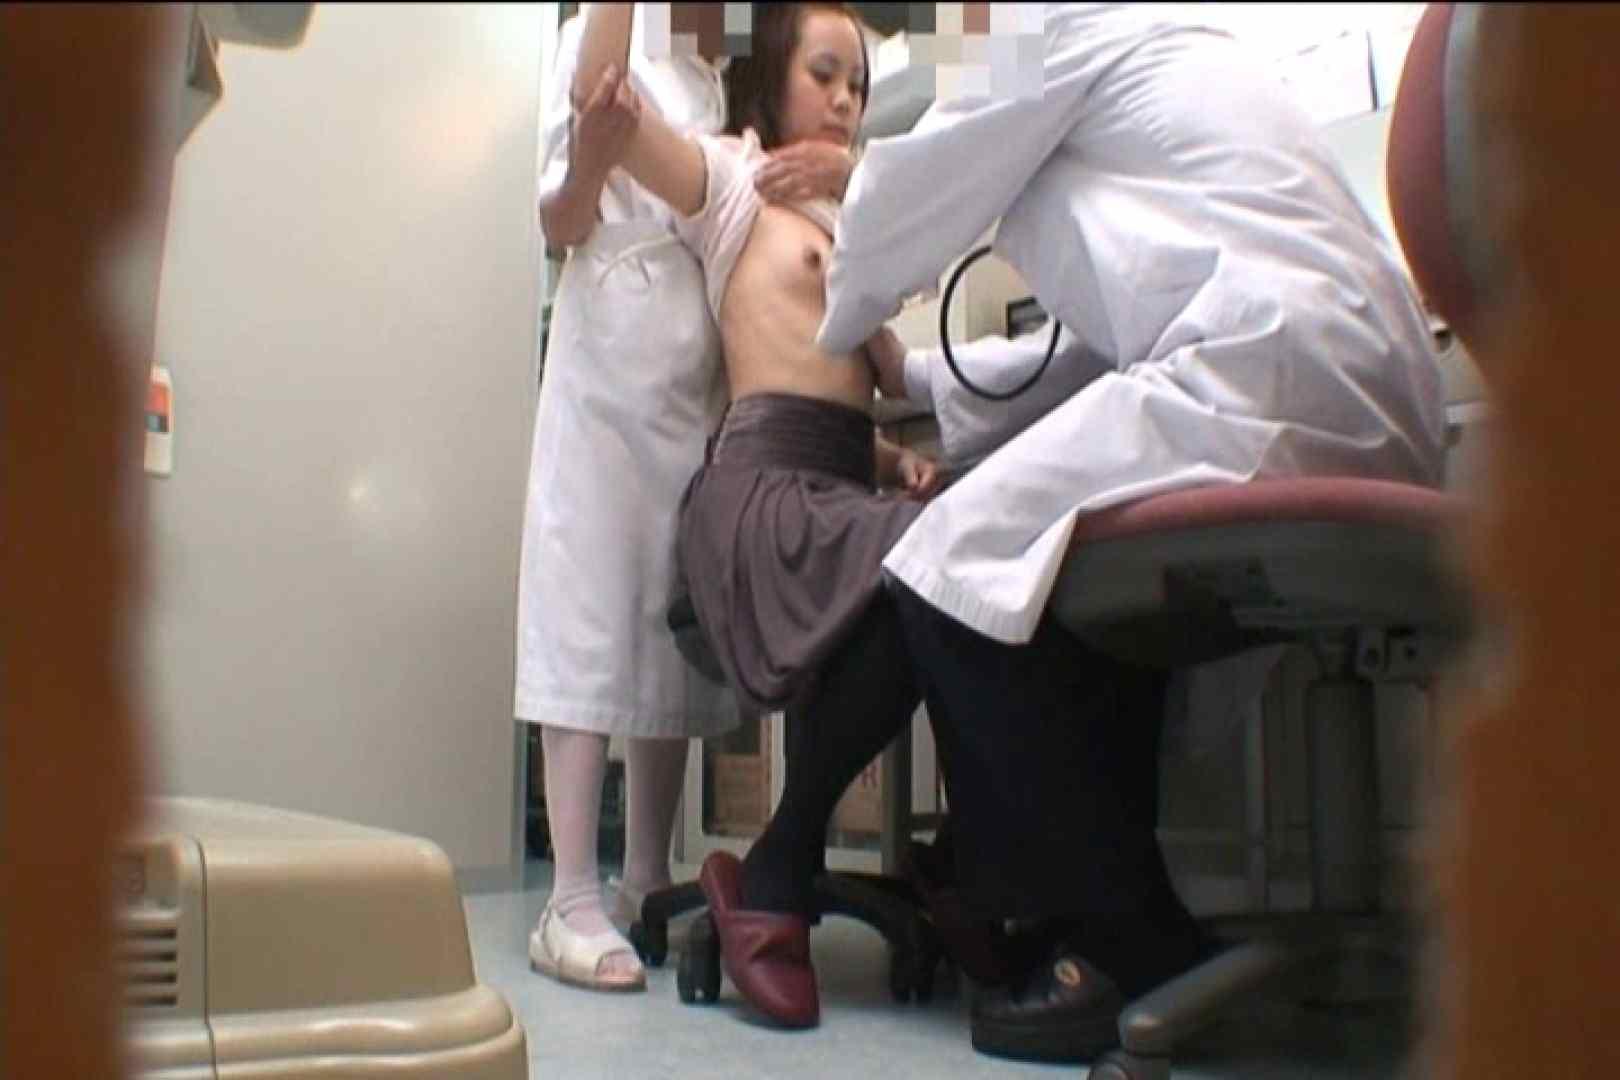 患者のおまんこをコレクションする変態医師の流出映像Vol.2 ワルノリ | エロティックなOL  86画像 22